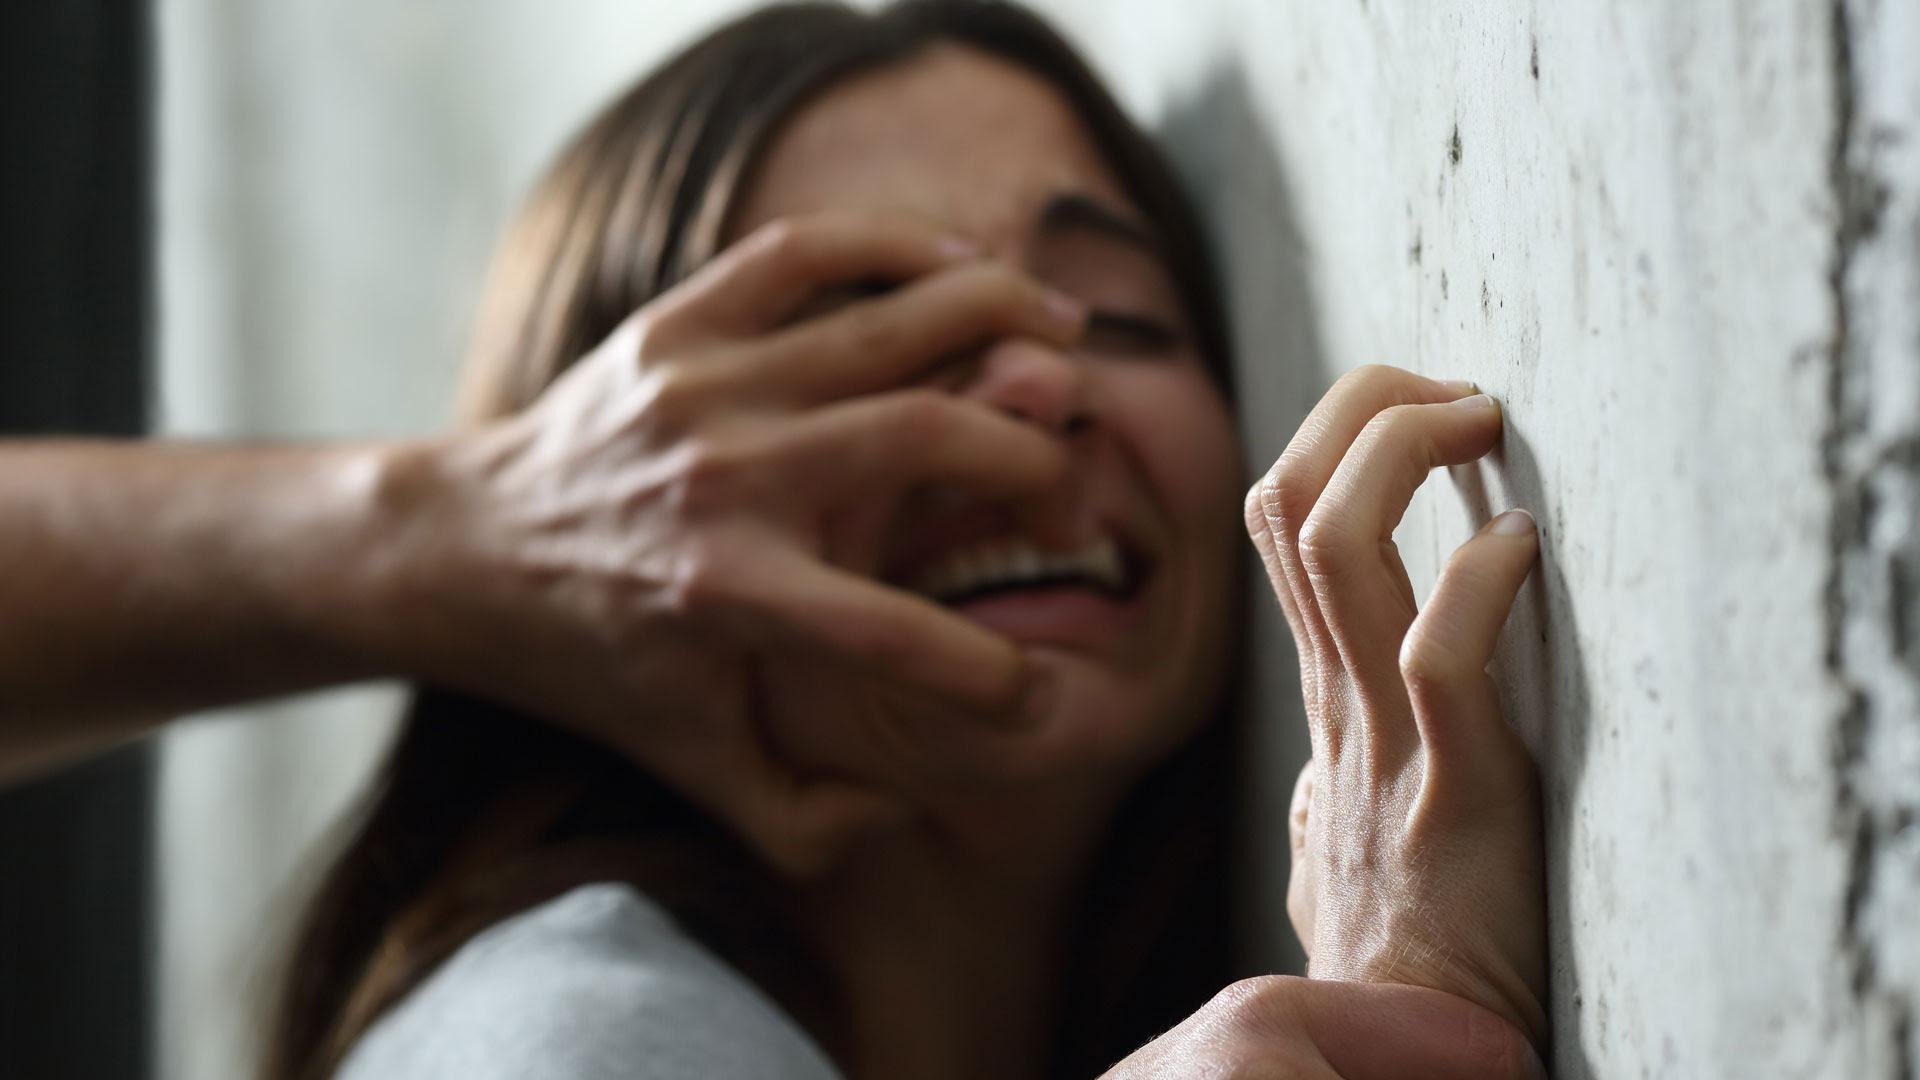 Resultado de imagen para Asesinan a una joven de 15 años en India tras violarla